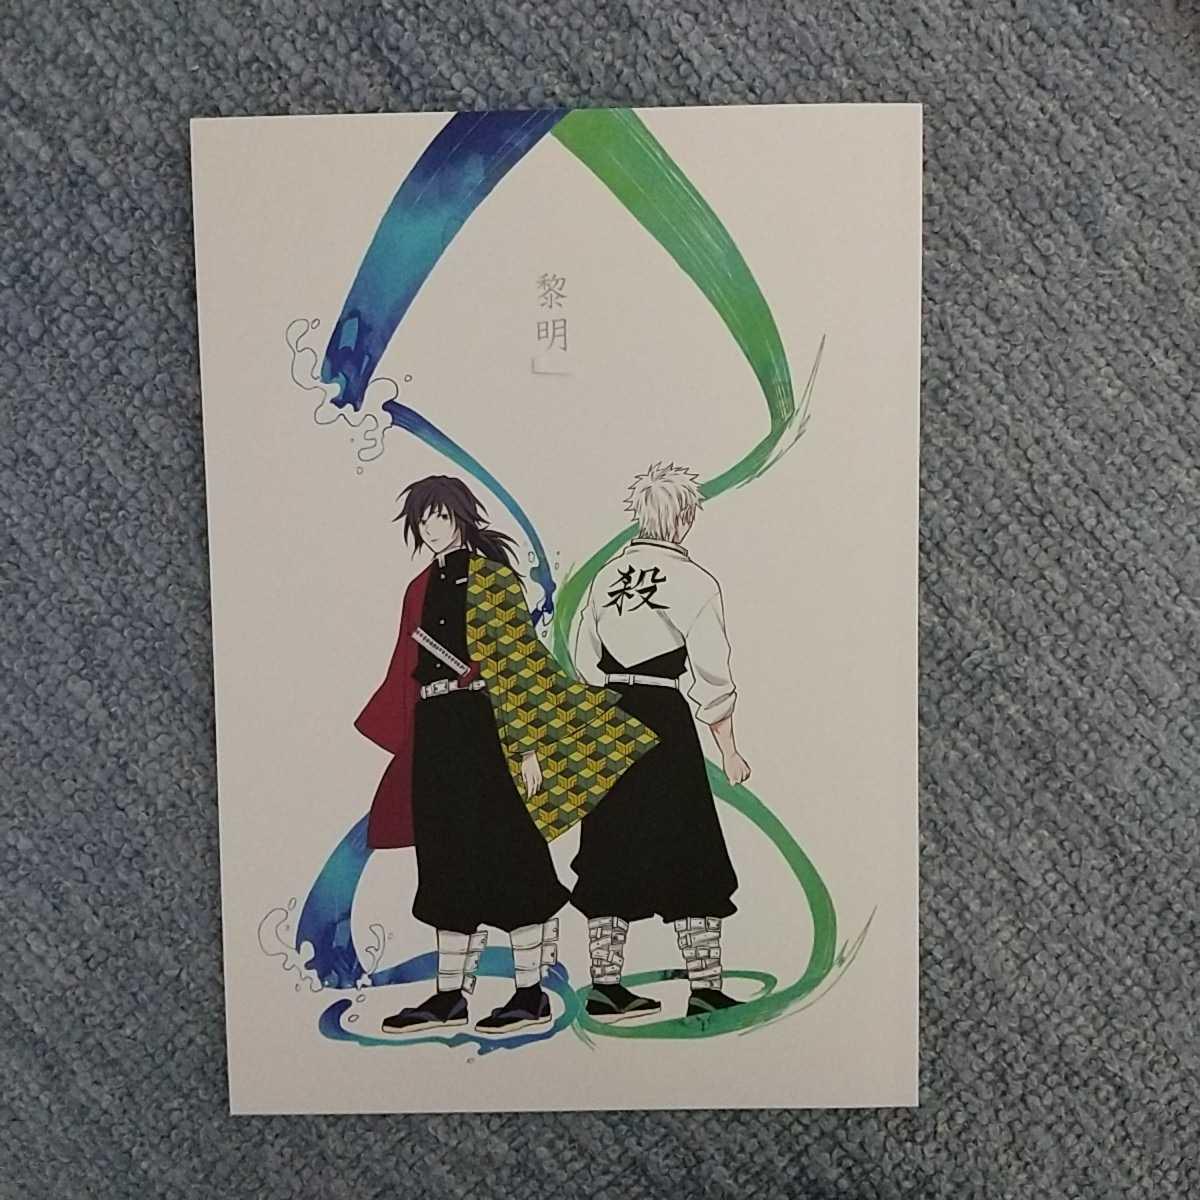 鬼滅の刃 同人誌 「黎明」(不死川実弥×冨岡義勇)